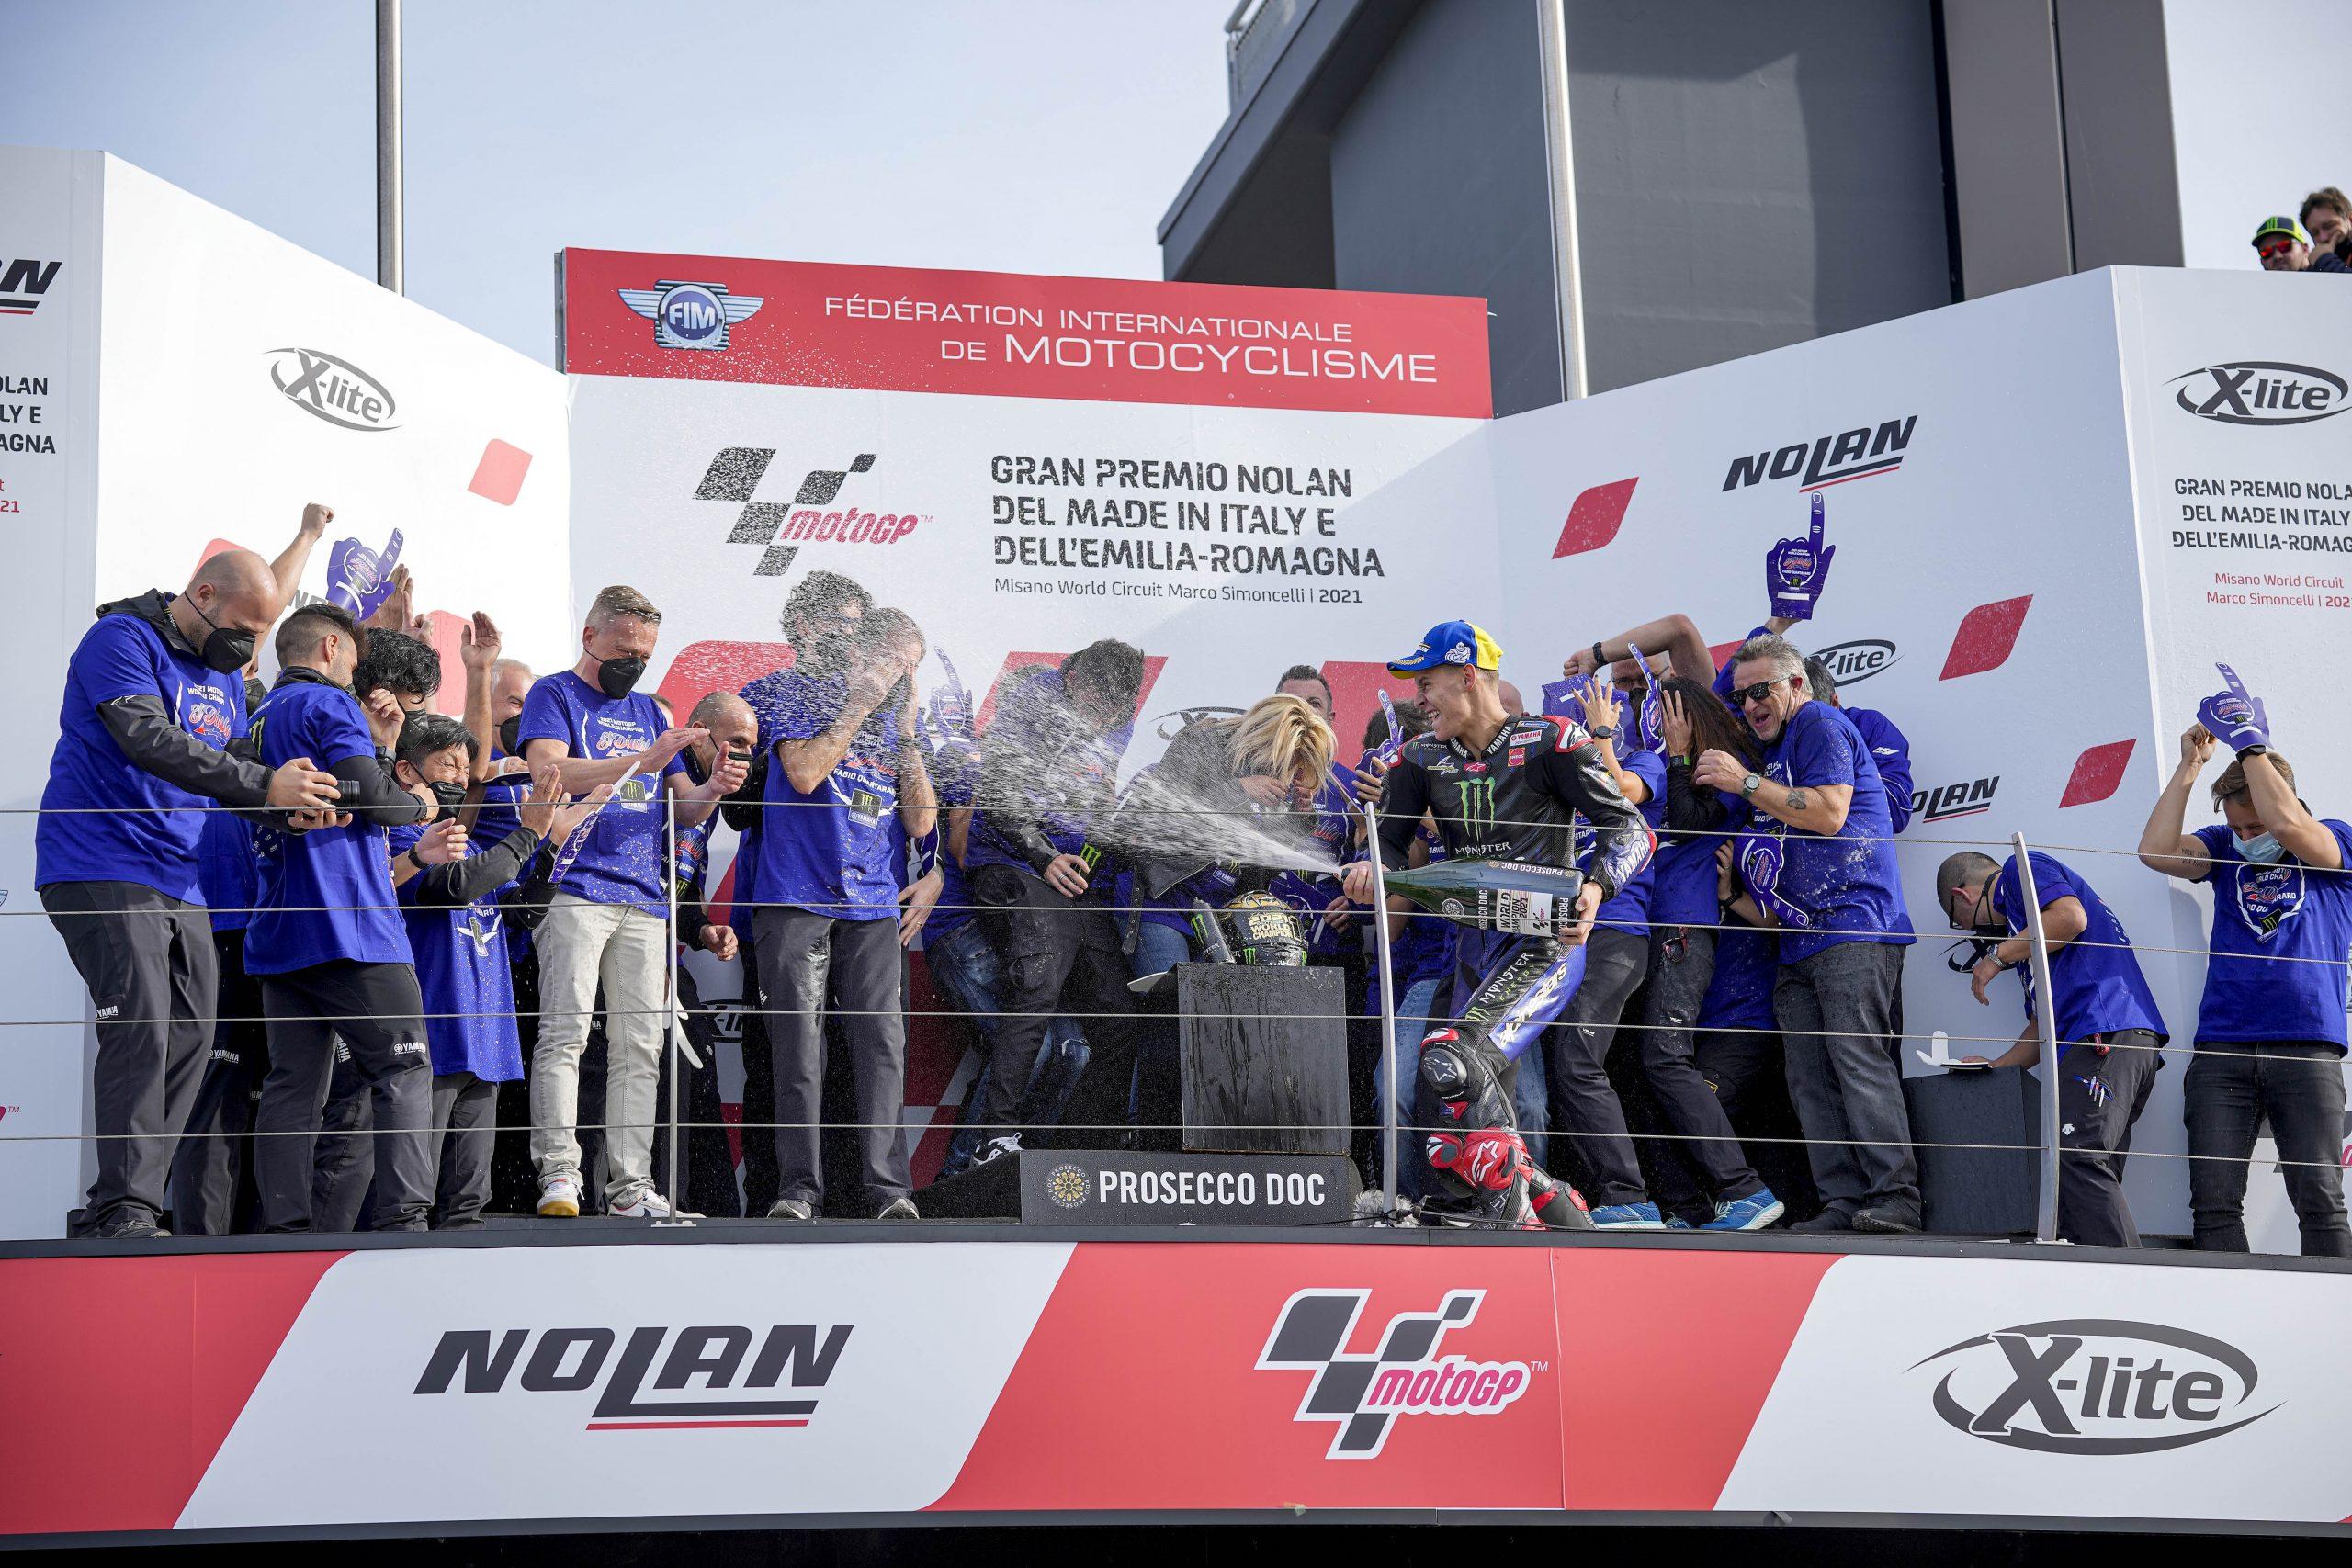 Fabio Quartararo Campeón con Yamaha